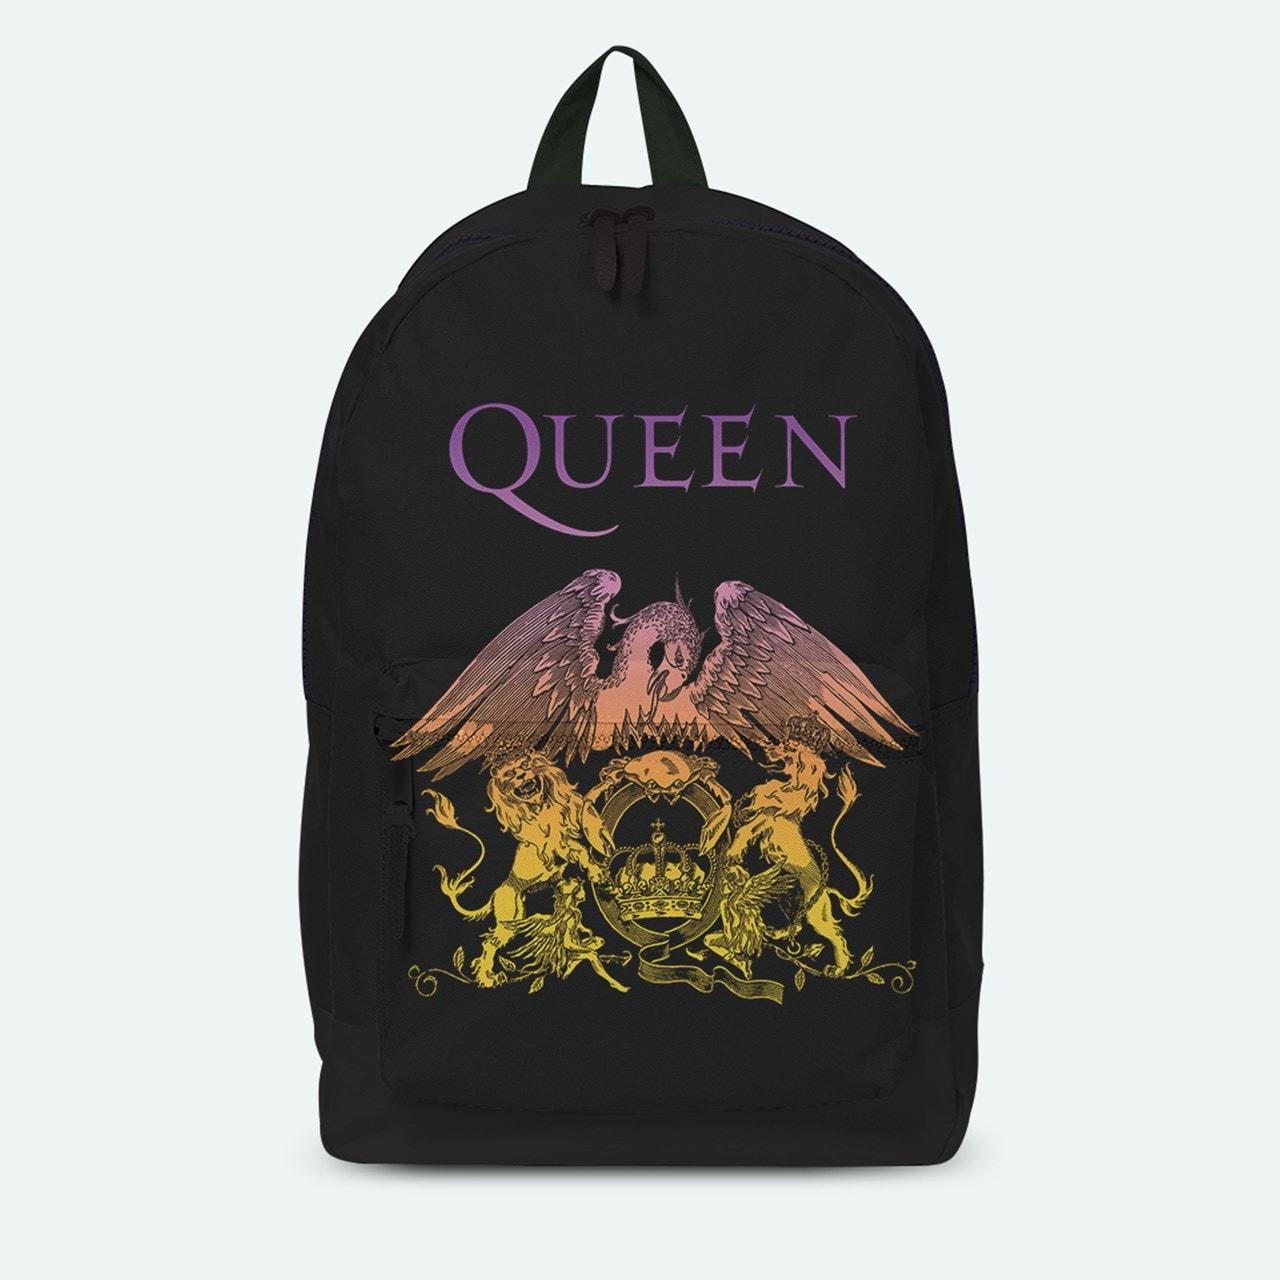 Queen: Bohemian Crest Backpack - 1